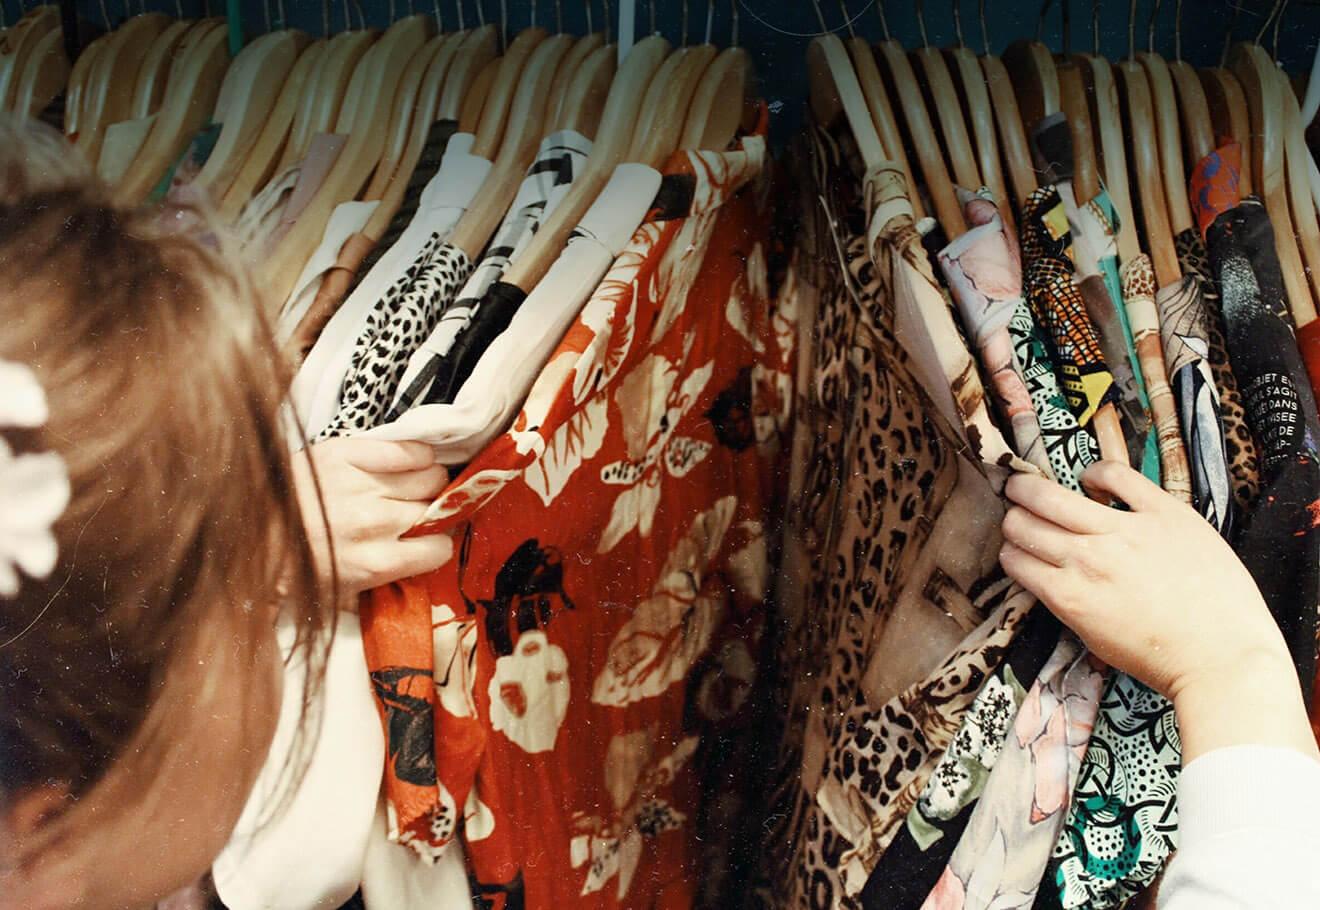 Girl browsing through wardrobe